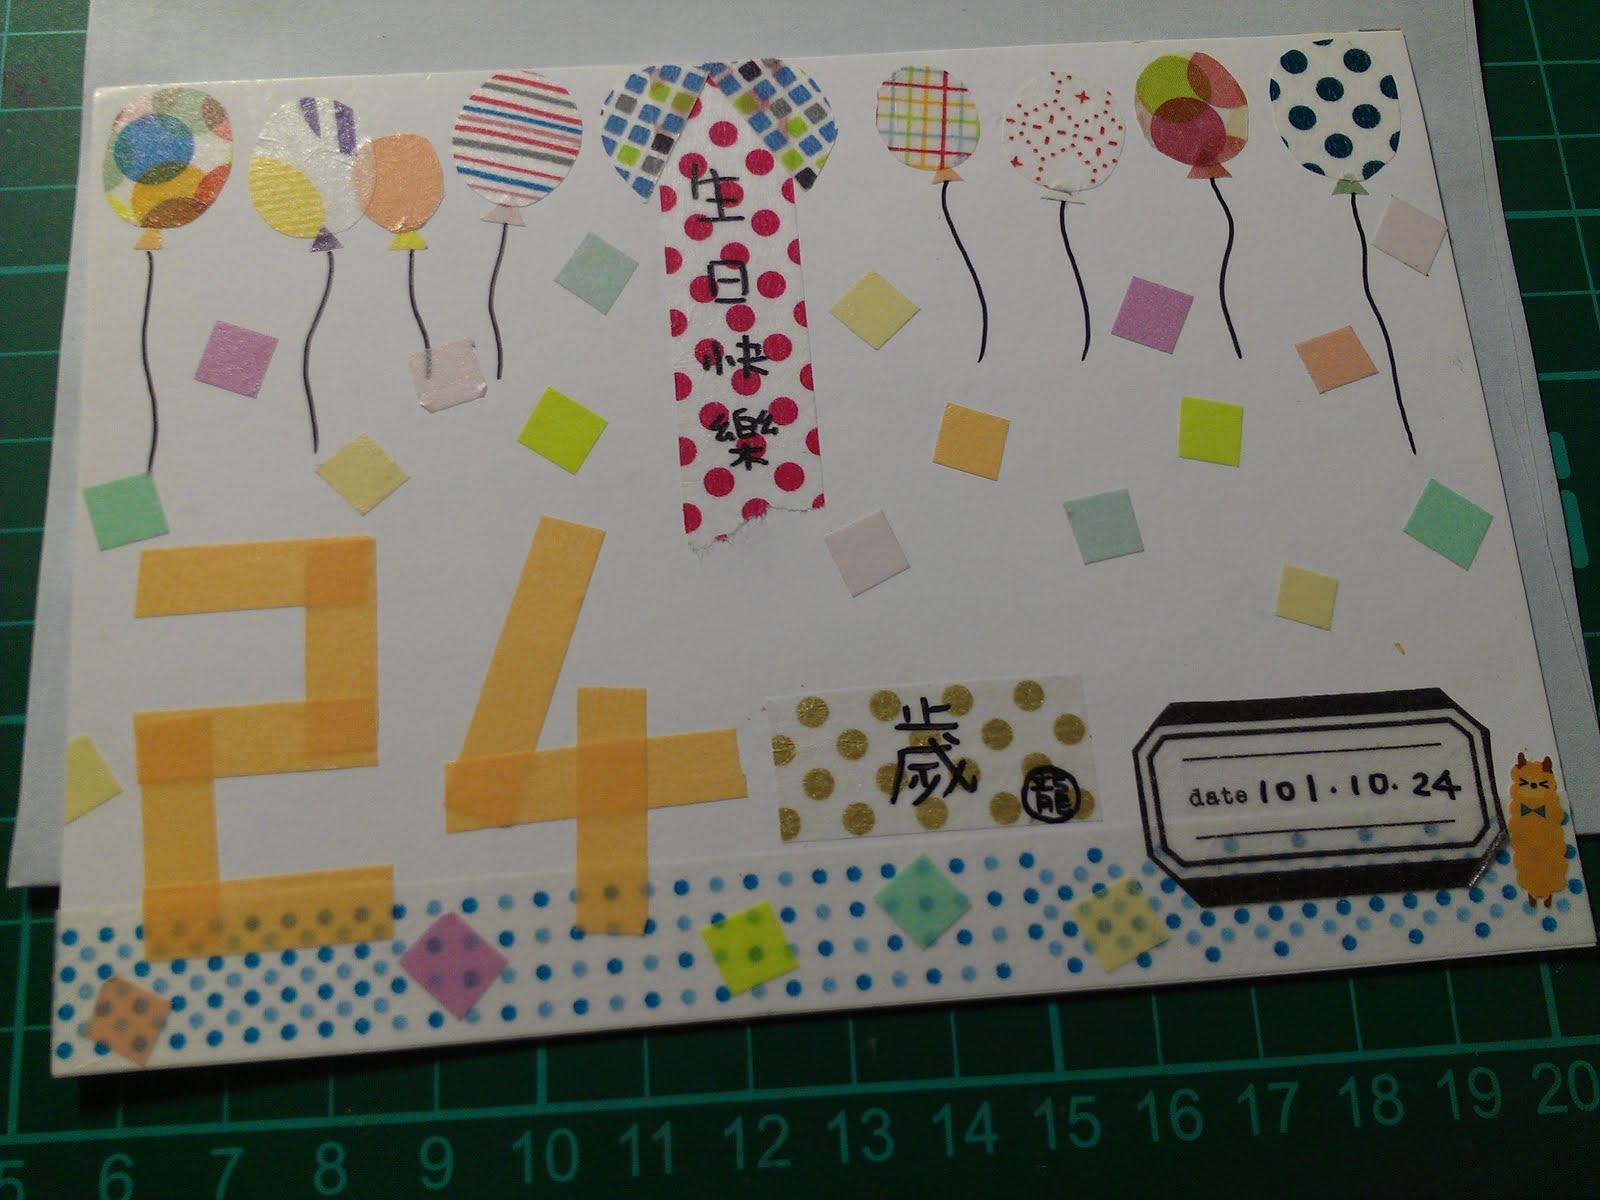 Wa: 紙膠帶應用卡片篇1